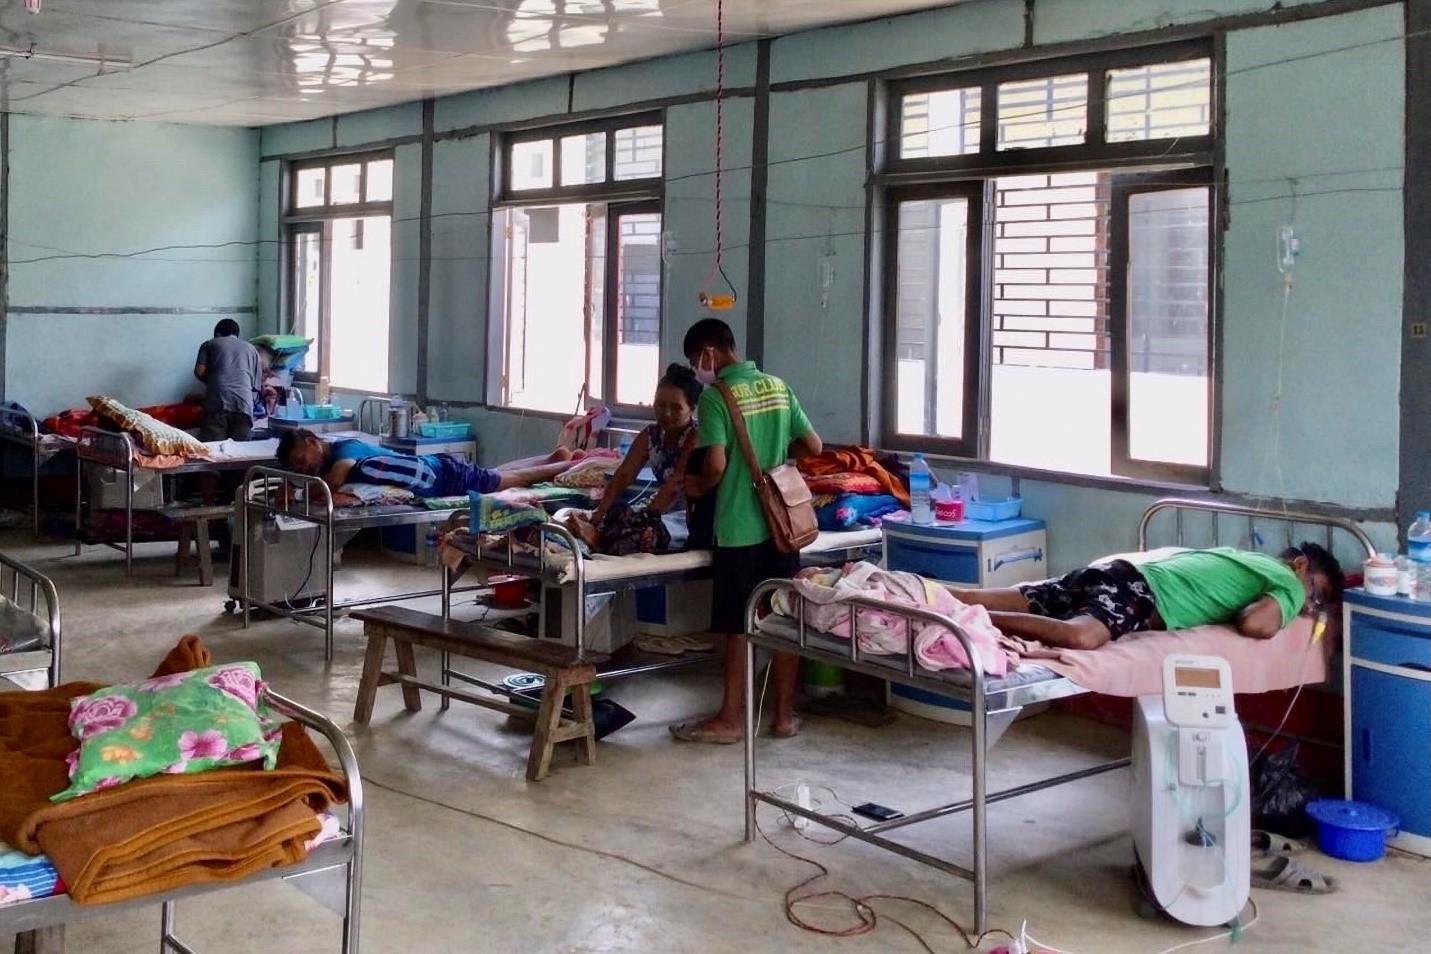 Dịch Covid-19 bùng phát tại Myanmar, hệ thống y tế gặp nhiều khó khăn - Ảnh 1.